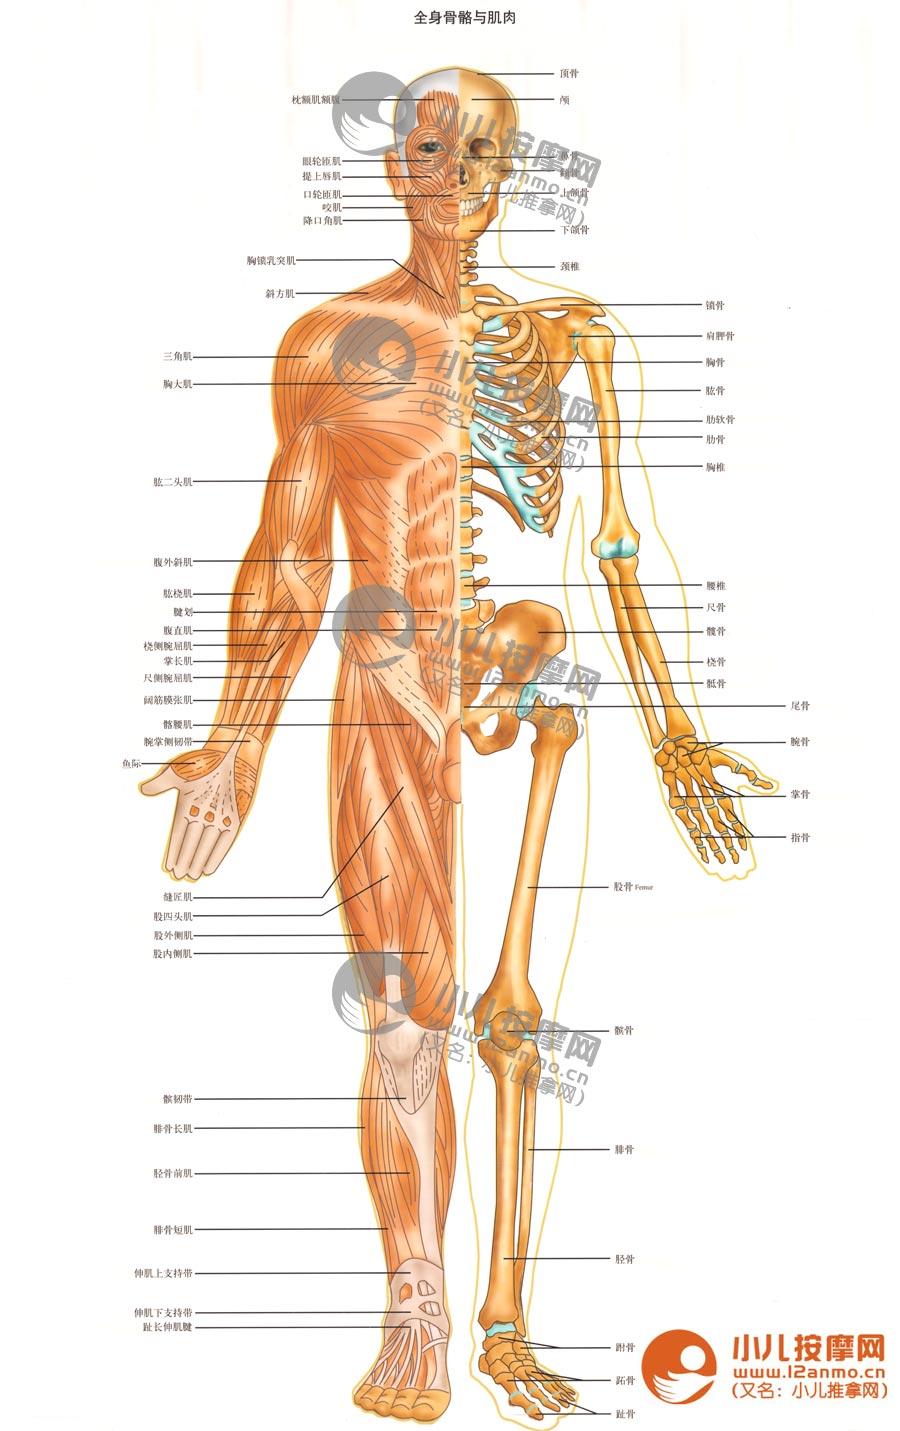 人体骨骼与肌肉示意图